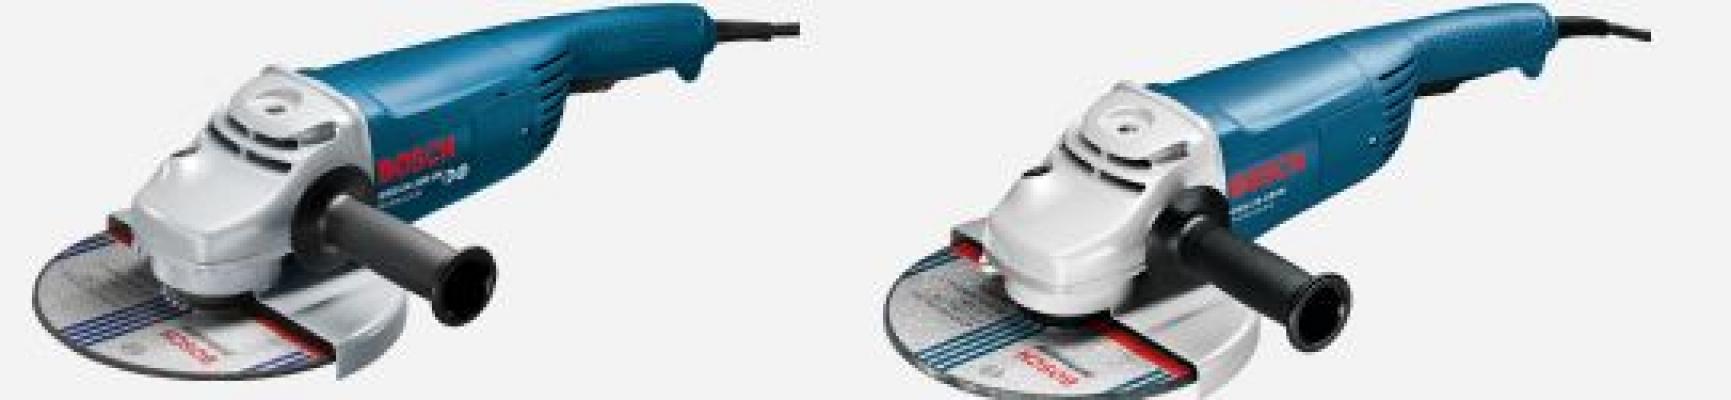 Avuç Taşlama Makineleri İle İşler Daha Hızlı